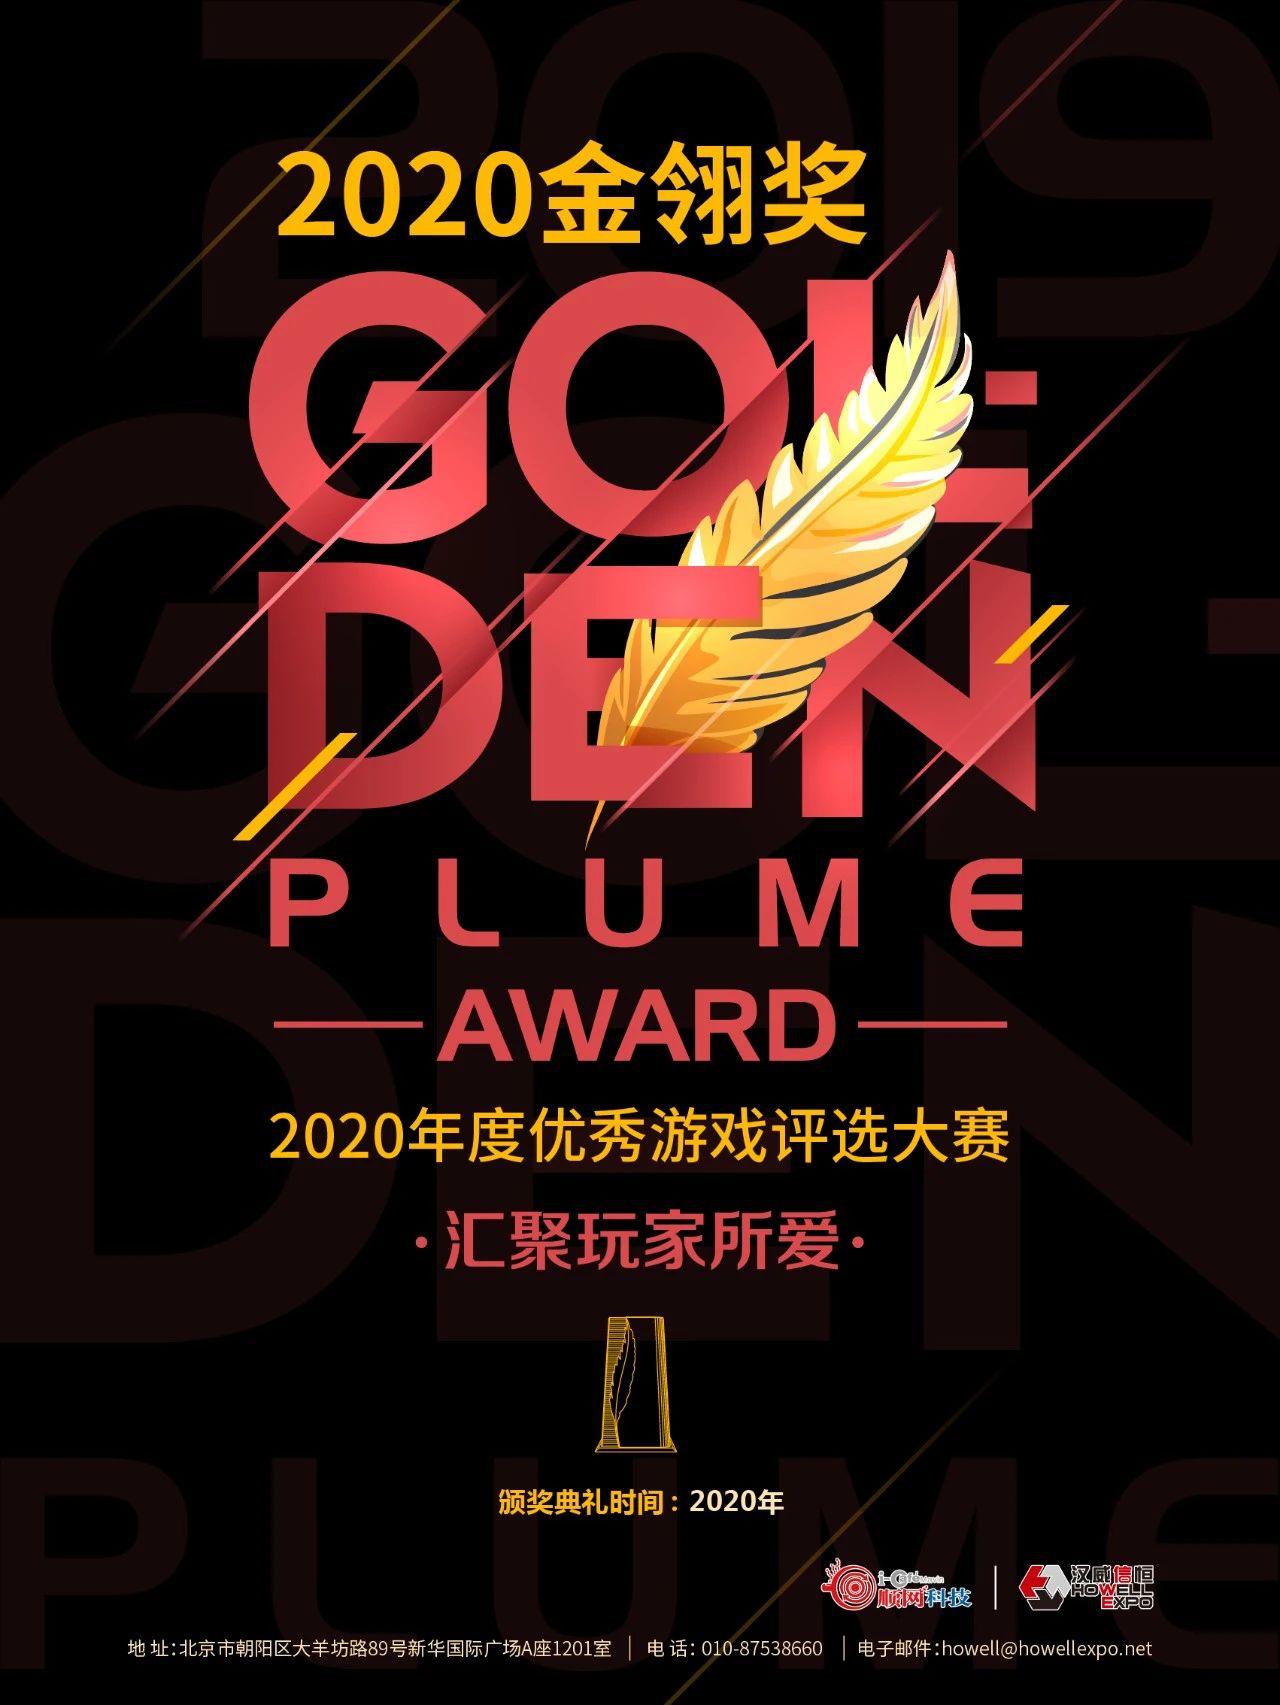 2020年度優秀游戲評選大賽(第十五屆金翎獎)報名正式啟動